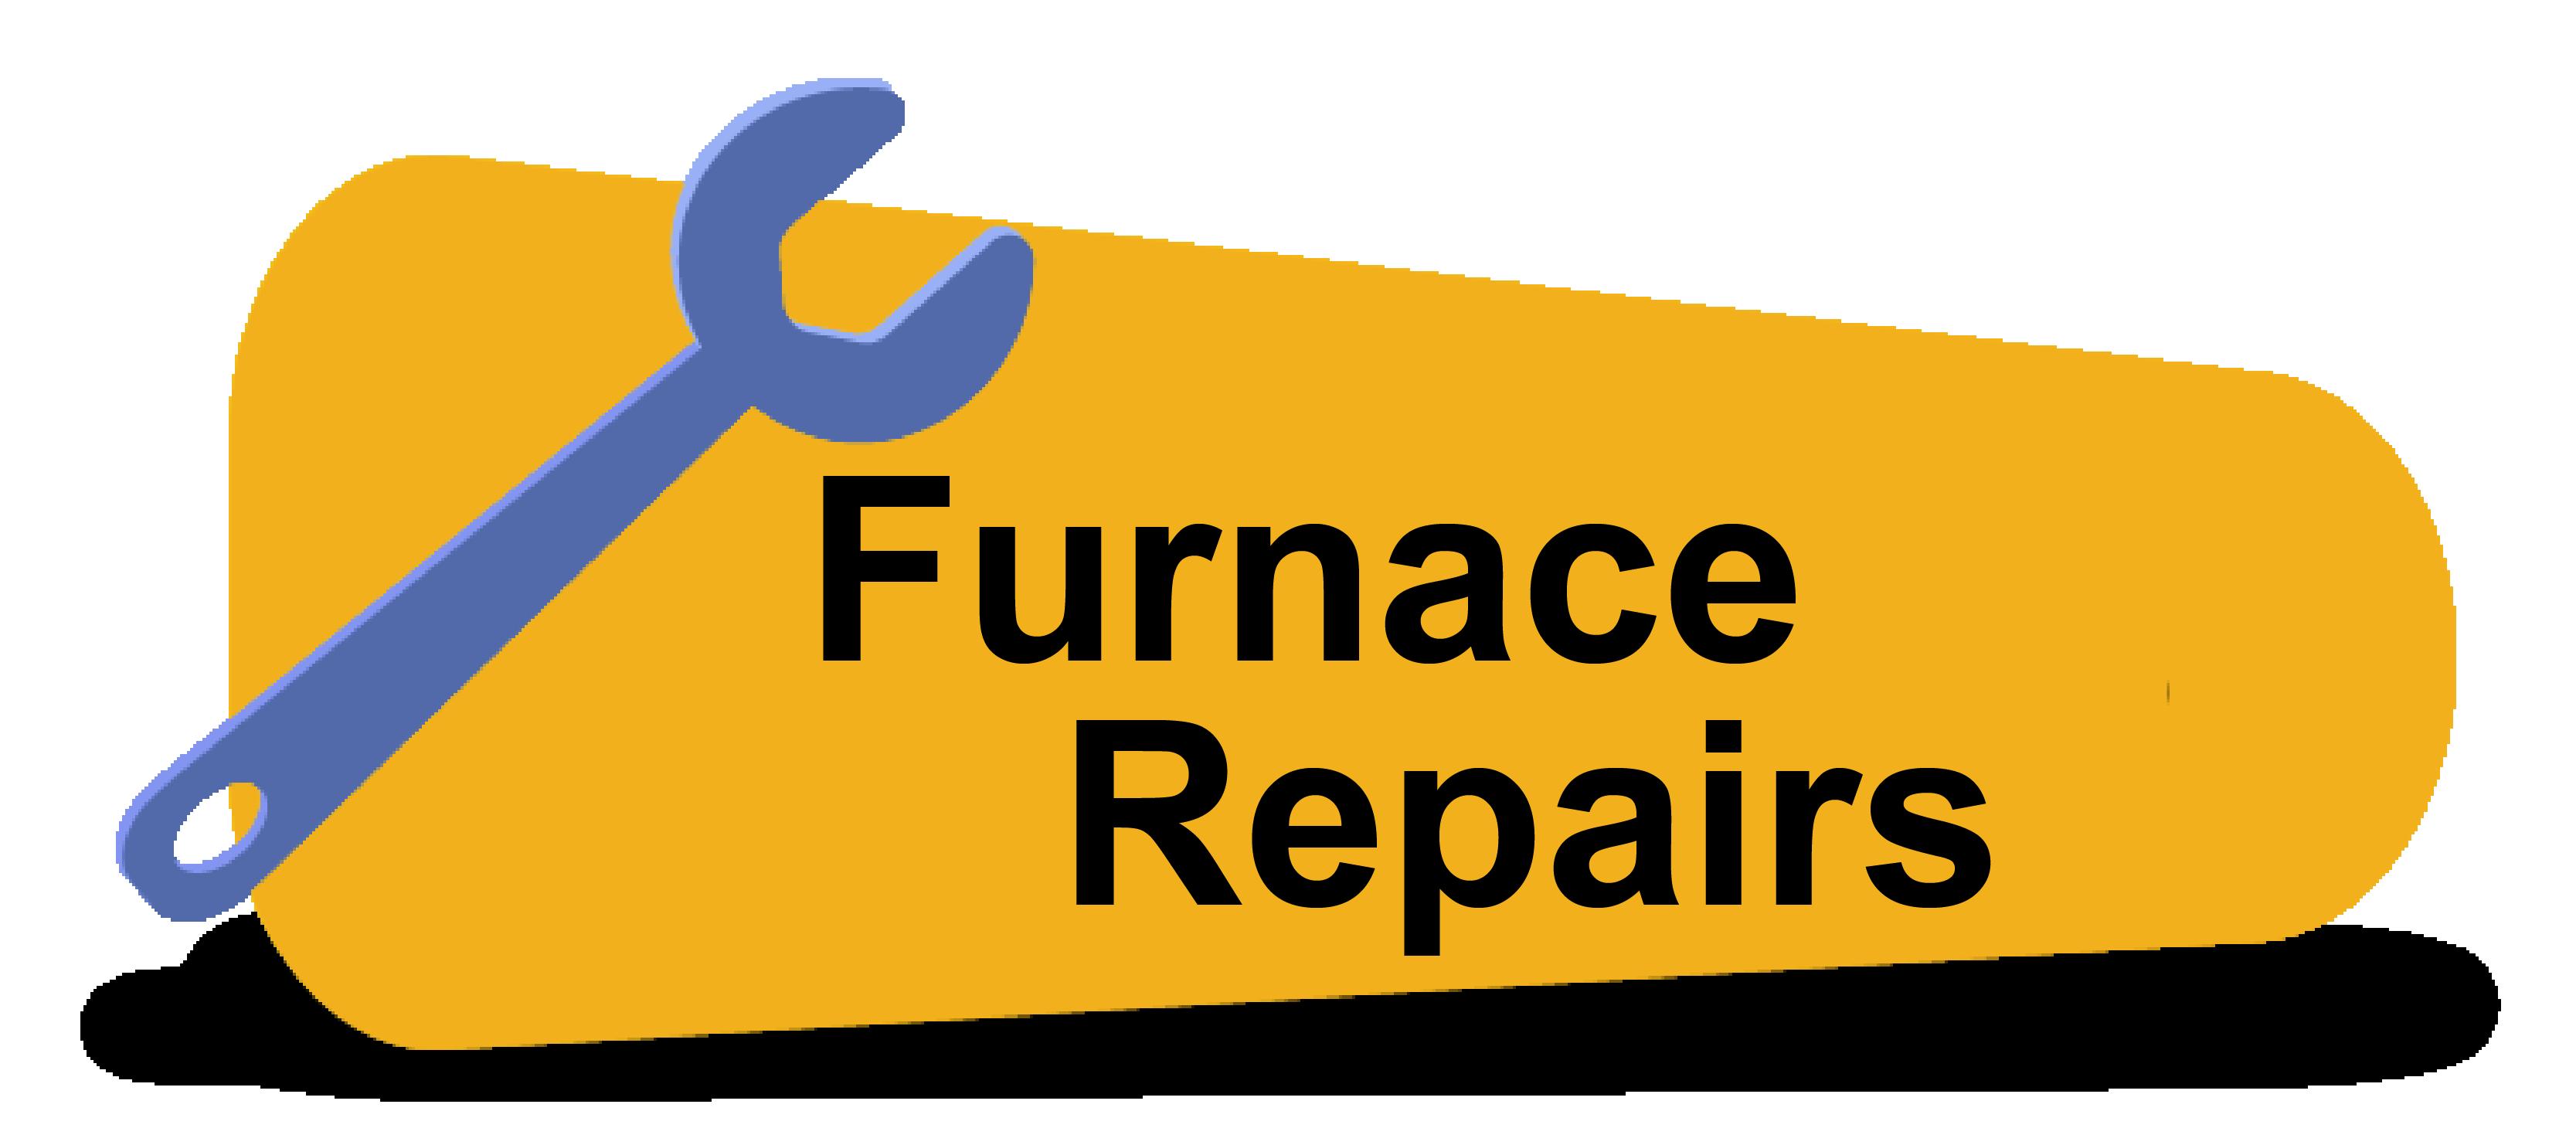 furnace-repair-03